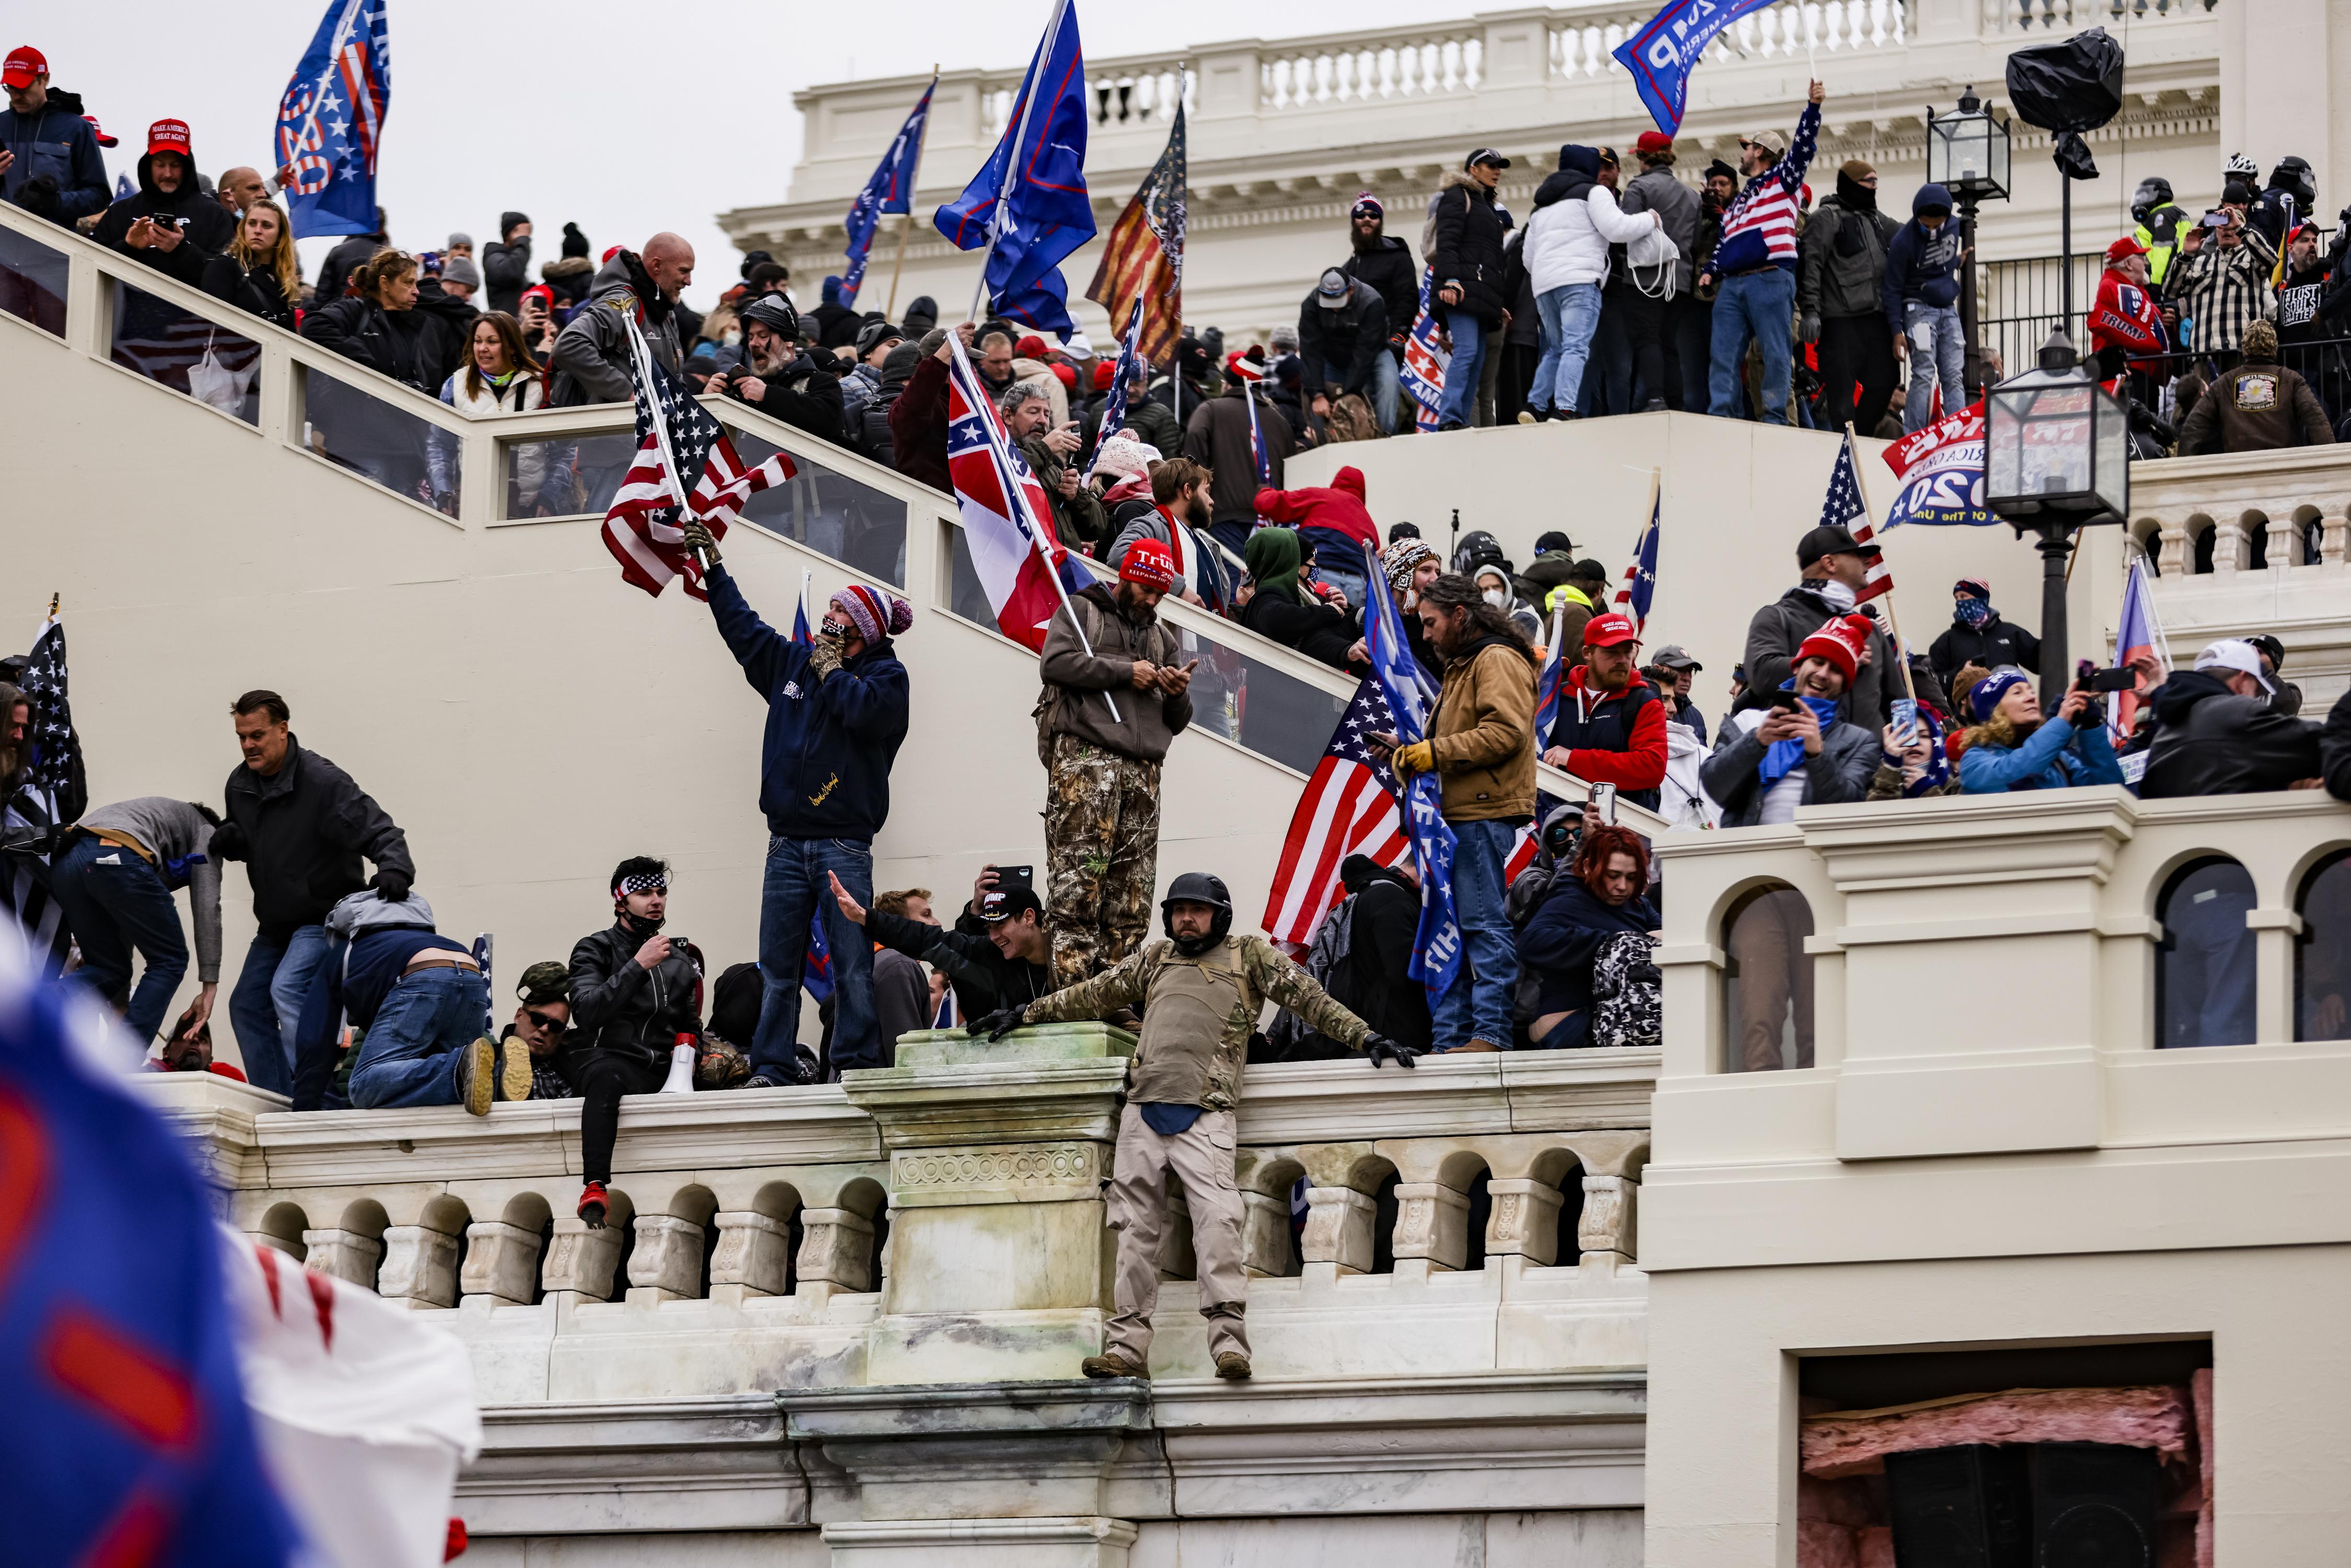 Senado absolvió a Trump por disturbios mortales en El Capitolio